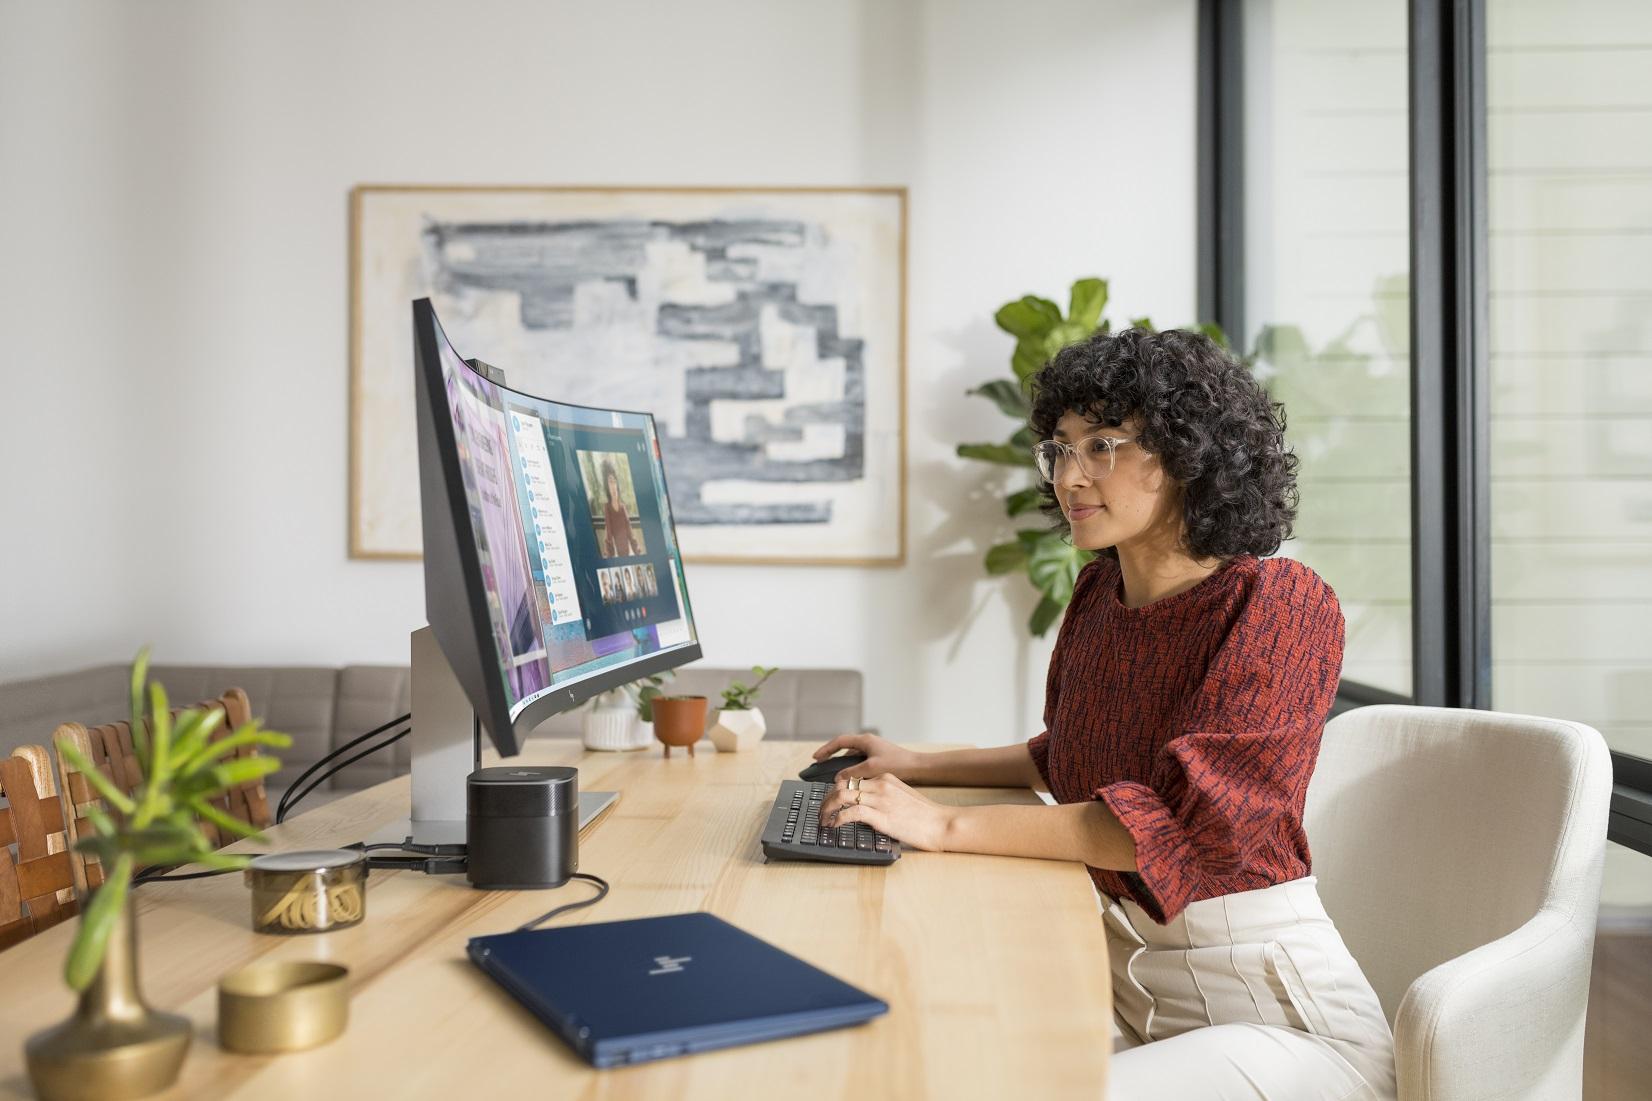 Nowe usługi HP odciążą działy IT i zwiększą efektywność pracowników